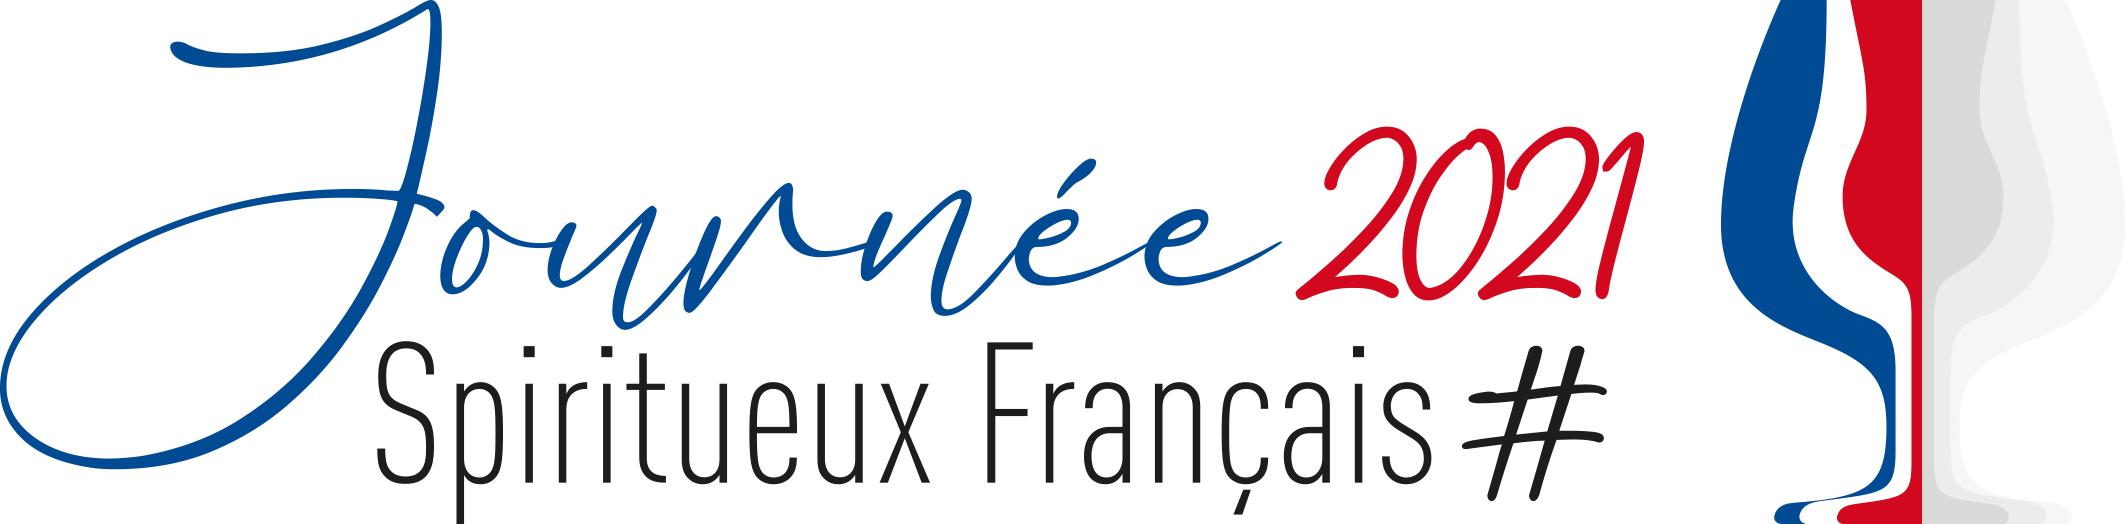 Journée des Spiritueux Français 🇨🇵